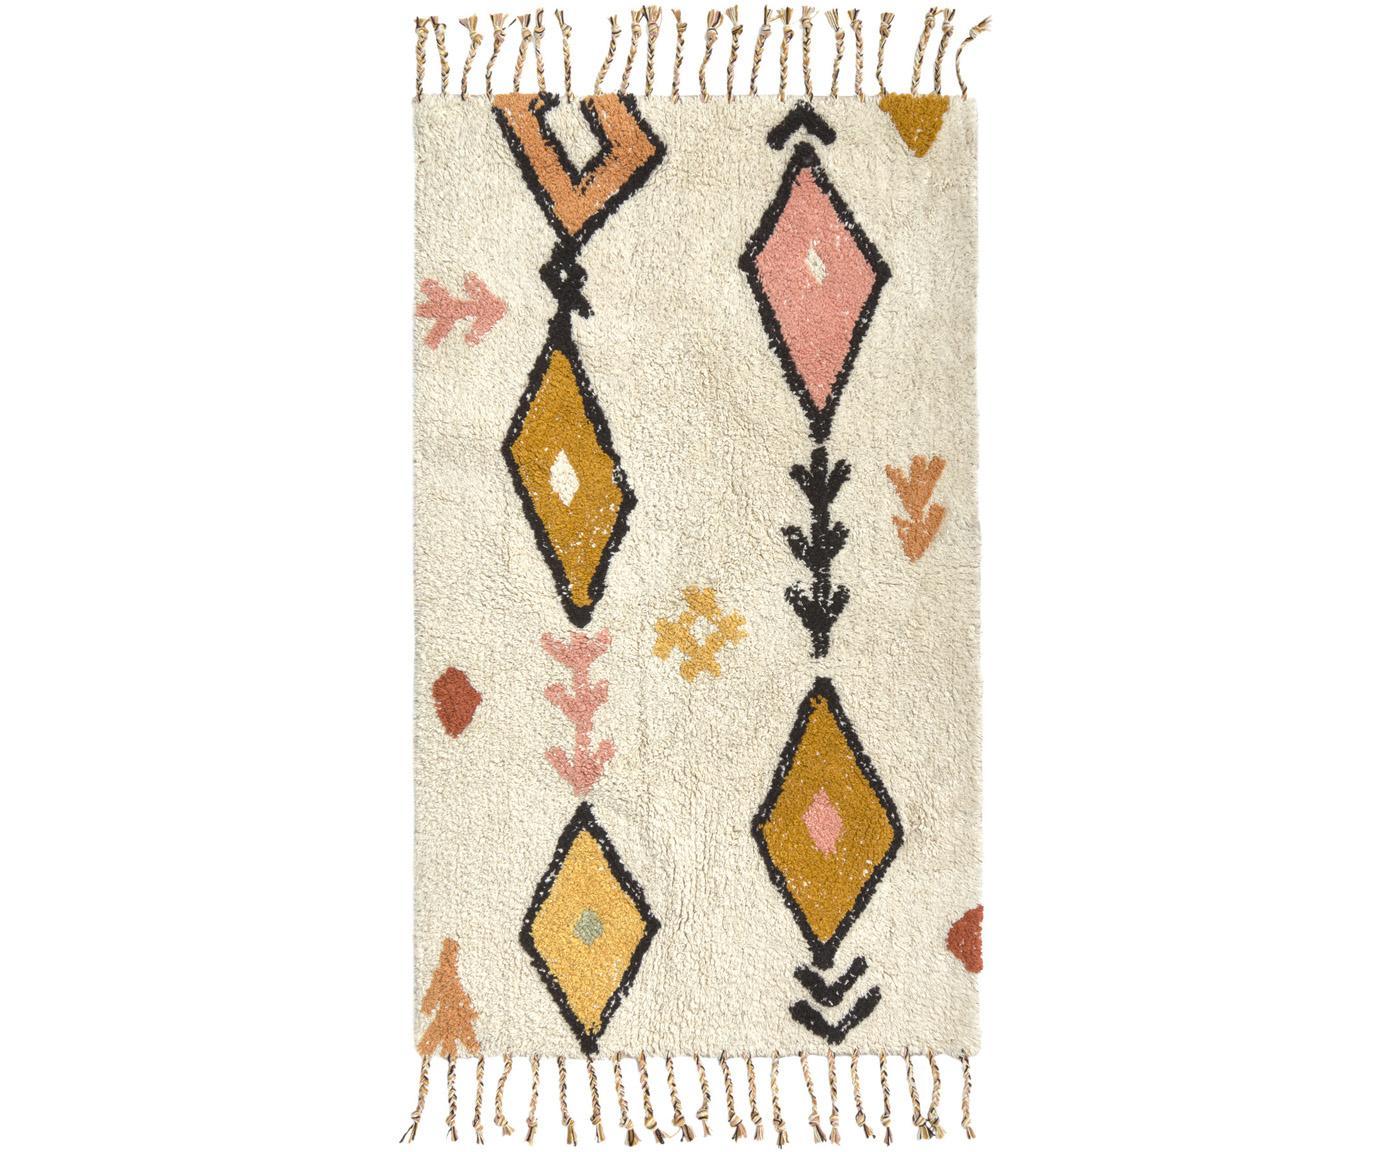 Vloerkleed Bereber met etno-patroon en franjes, 100% katoen, Crèmekleurig, multicolour, B 60 x L 90 cm (maat XXS)